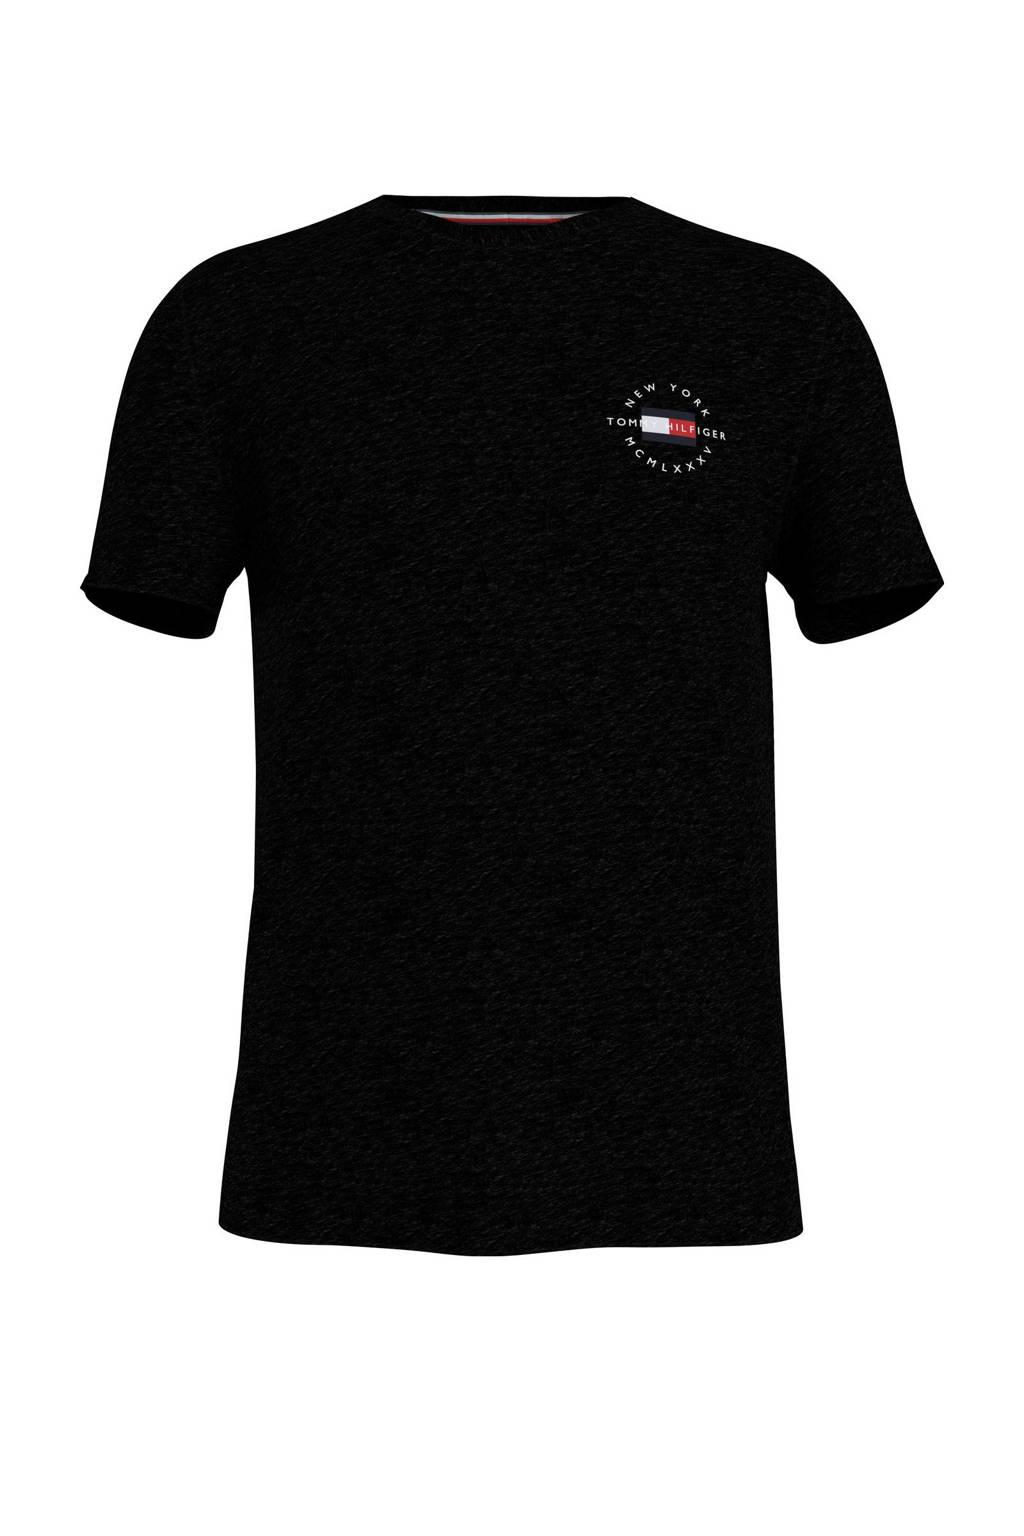 Tommy Hilfiger T-shirt van biologisch katoen zwart, Zwart